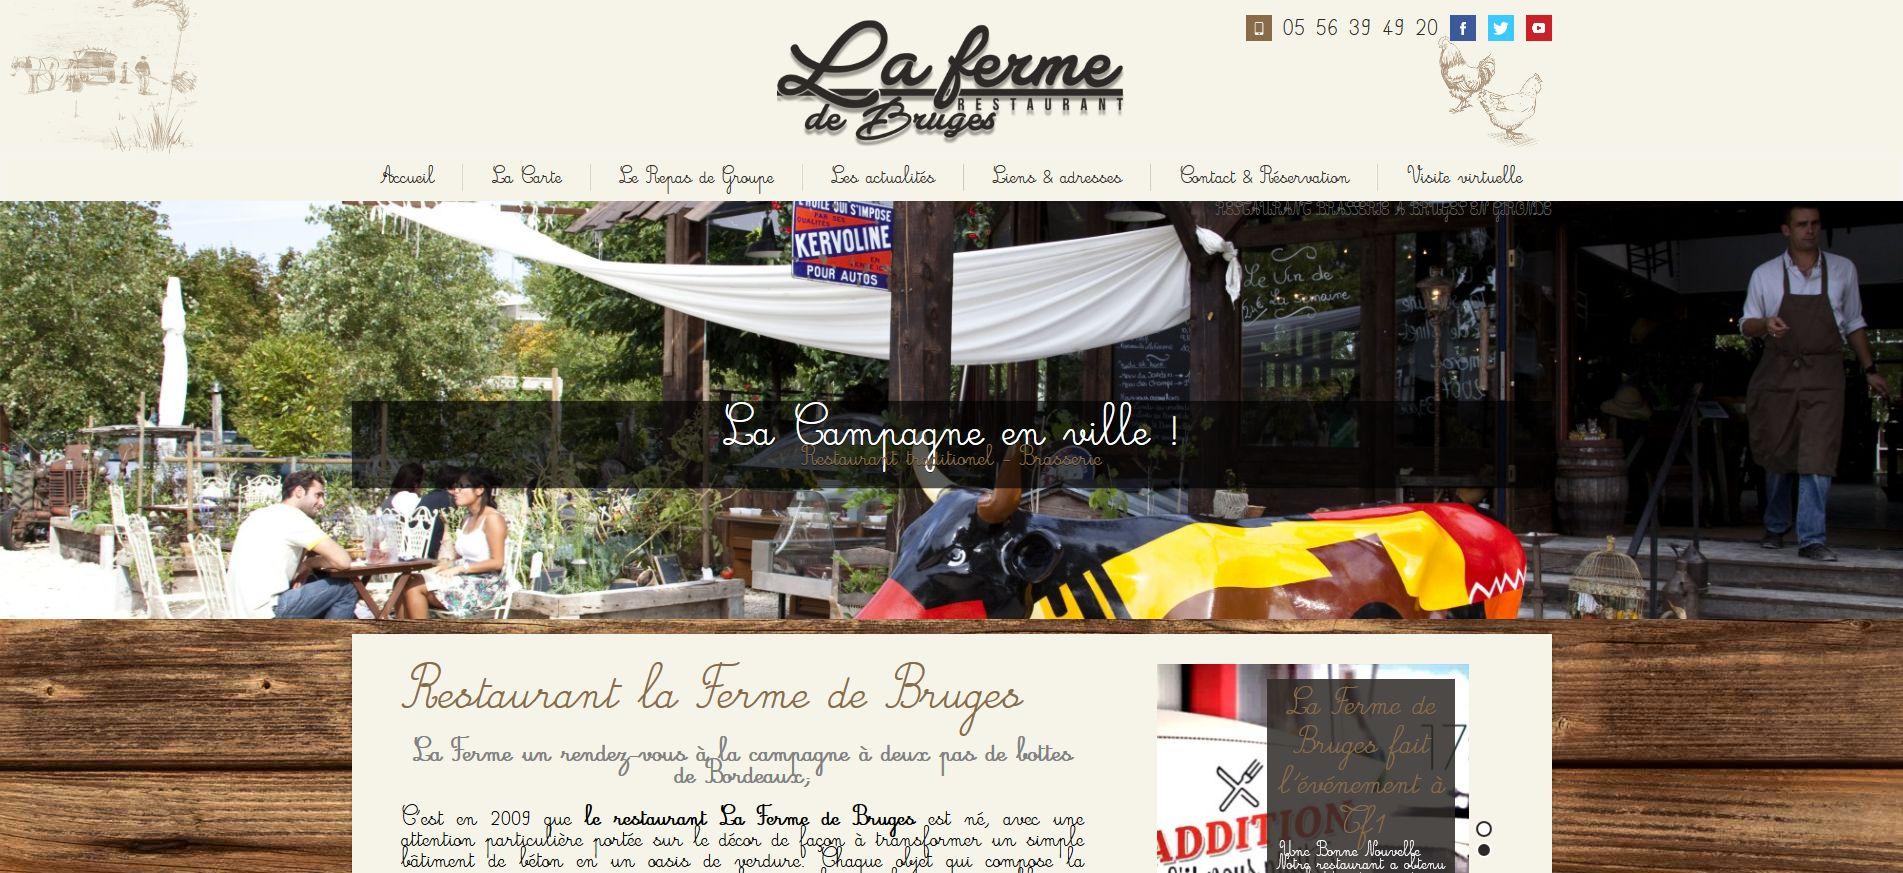 restaurant pour repas de groupe Bordeaux